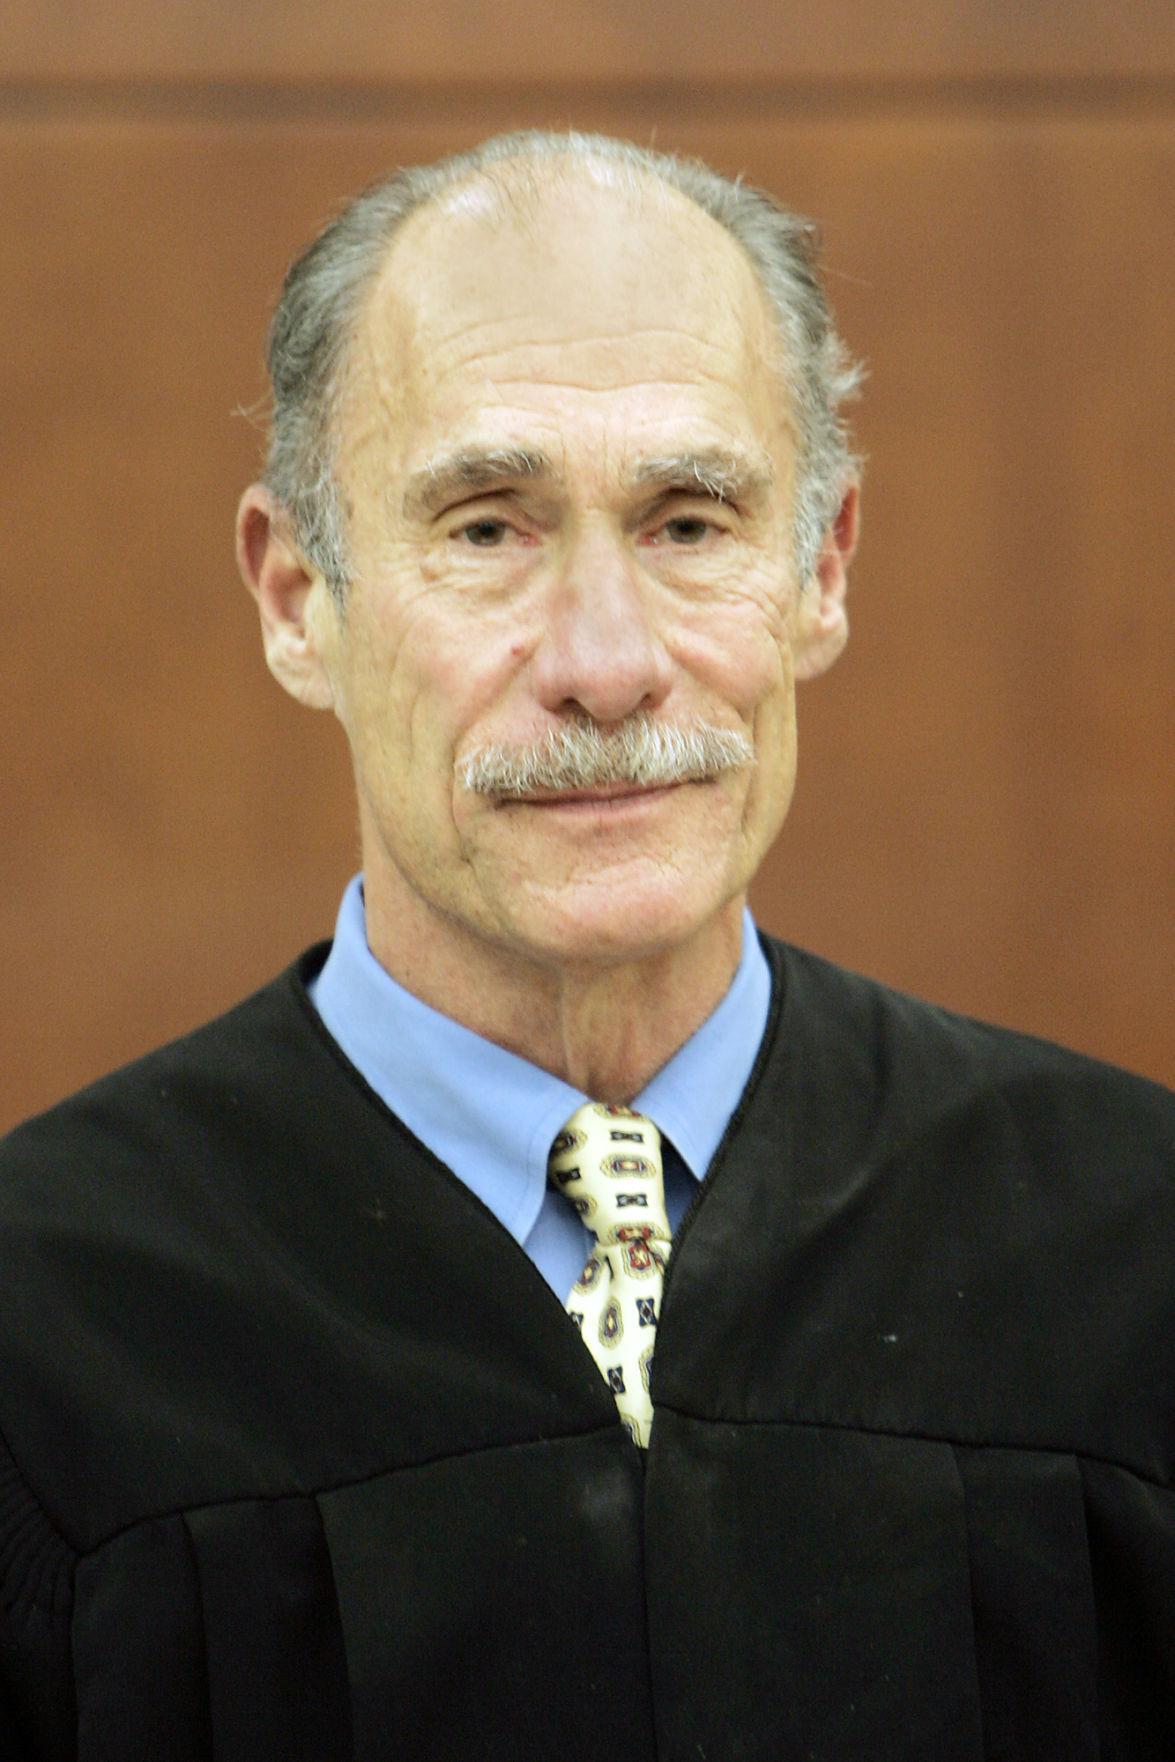 Judge Michael Williams